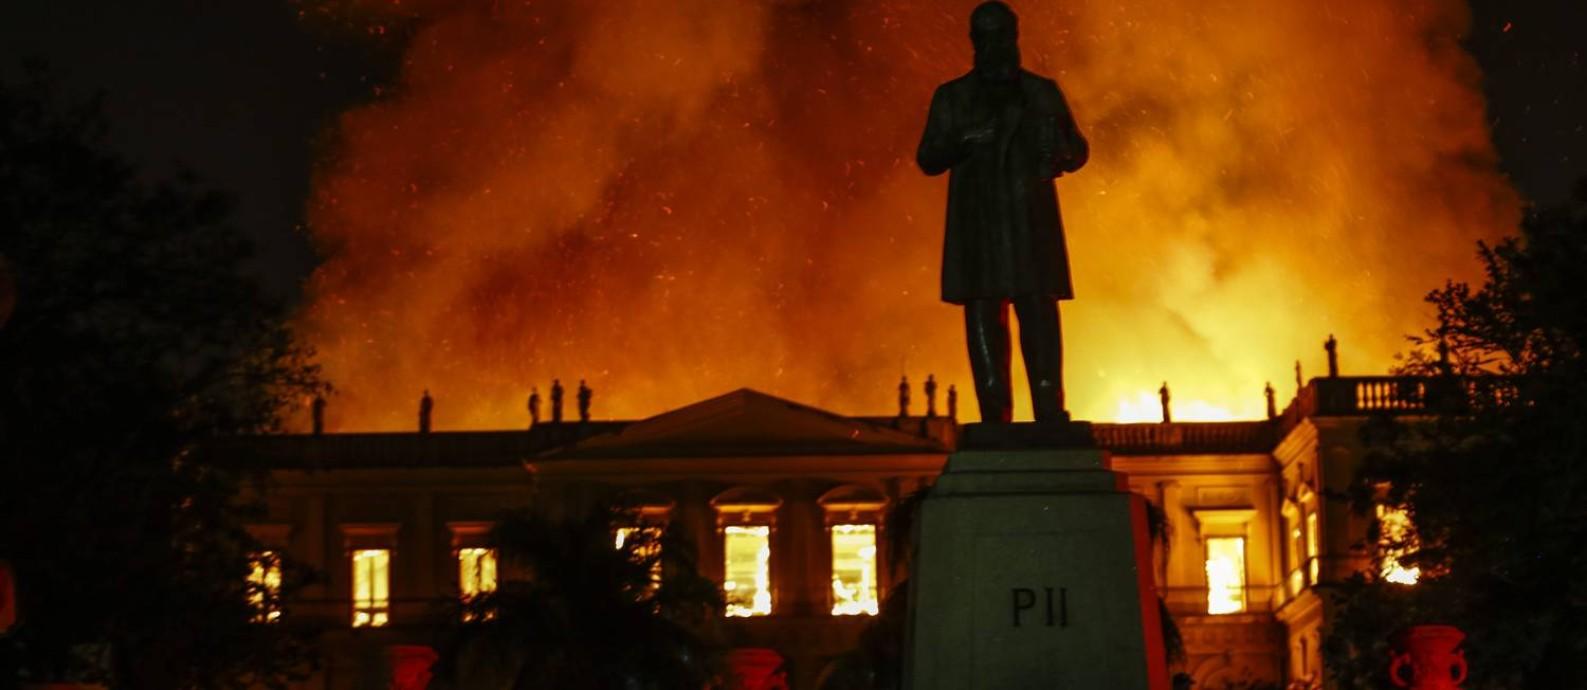 Museu Nacional na Quinta da Boa Vista pega fogo Foto: Uanderson Fernandes / Agência O Globo